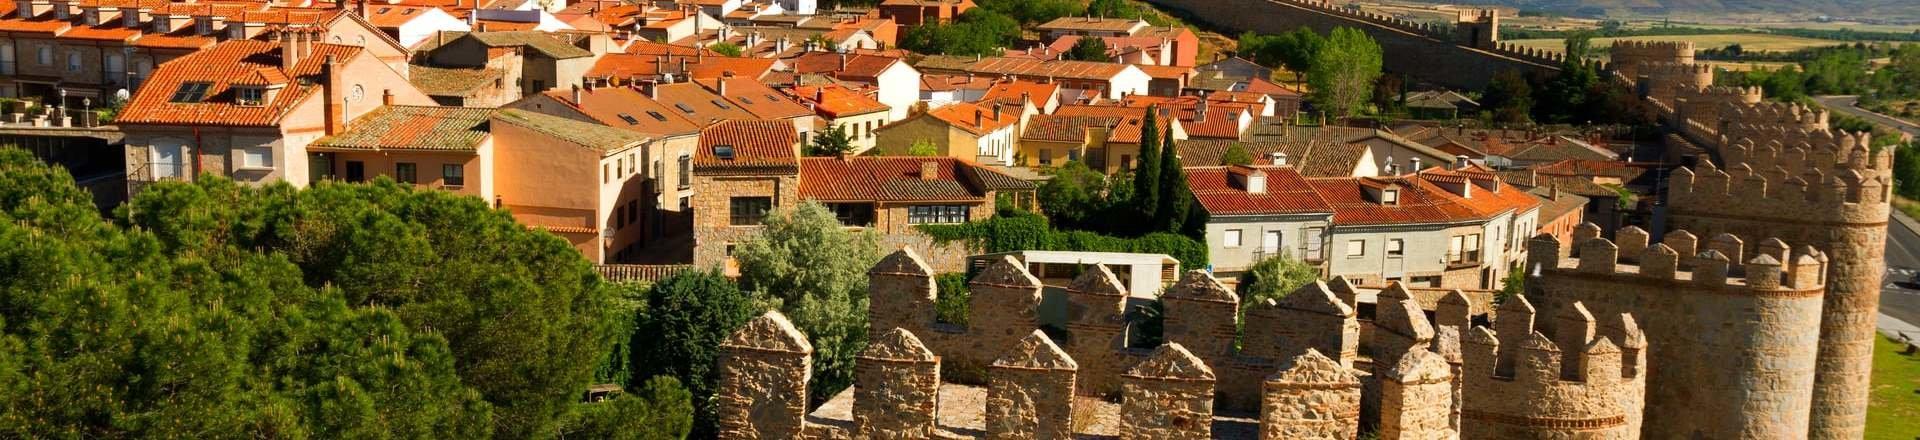 Hoteles en vila baratos desde 660 destinia for Hoteles en avila con piscina